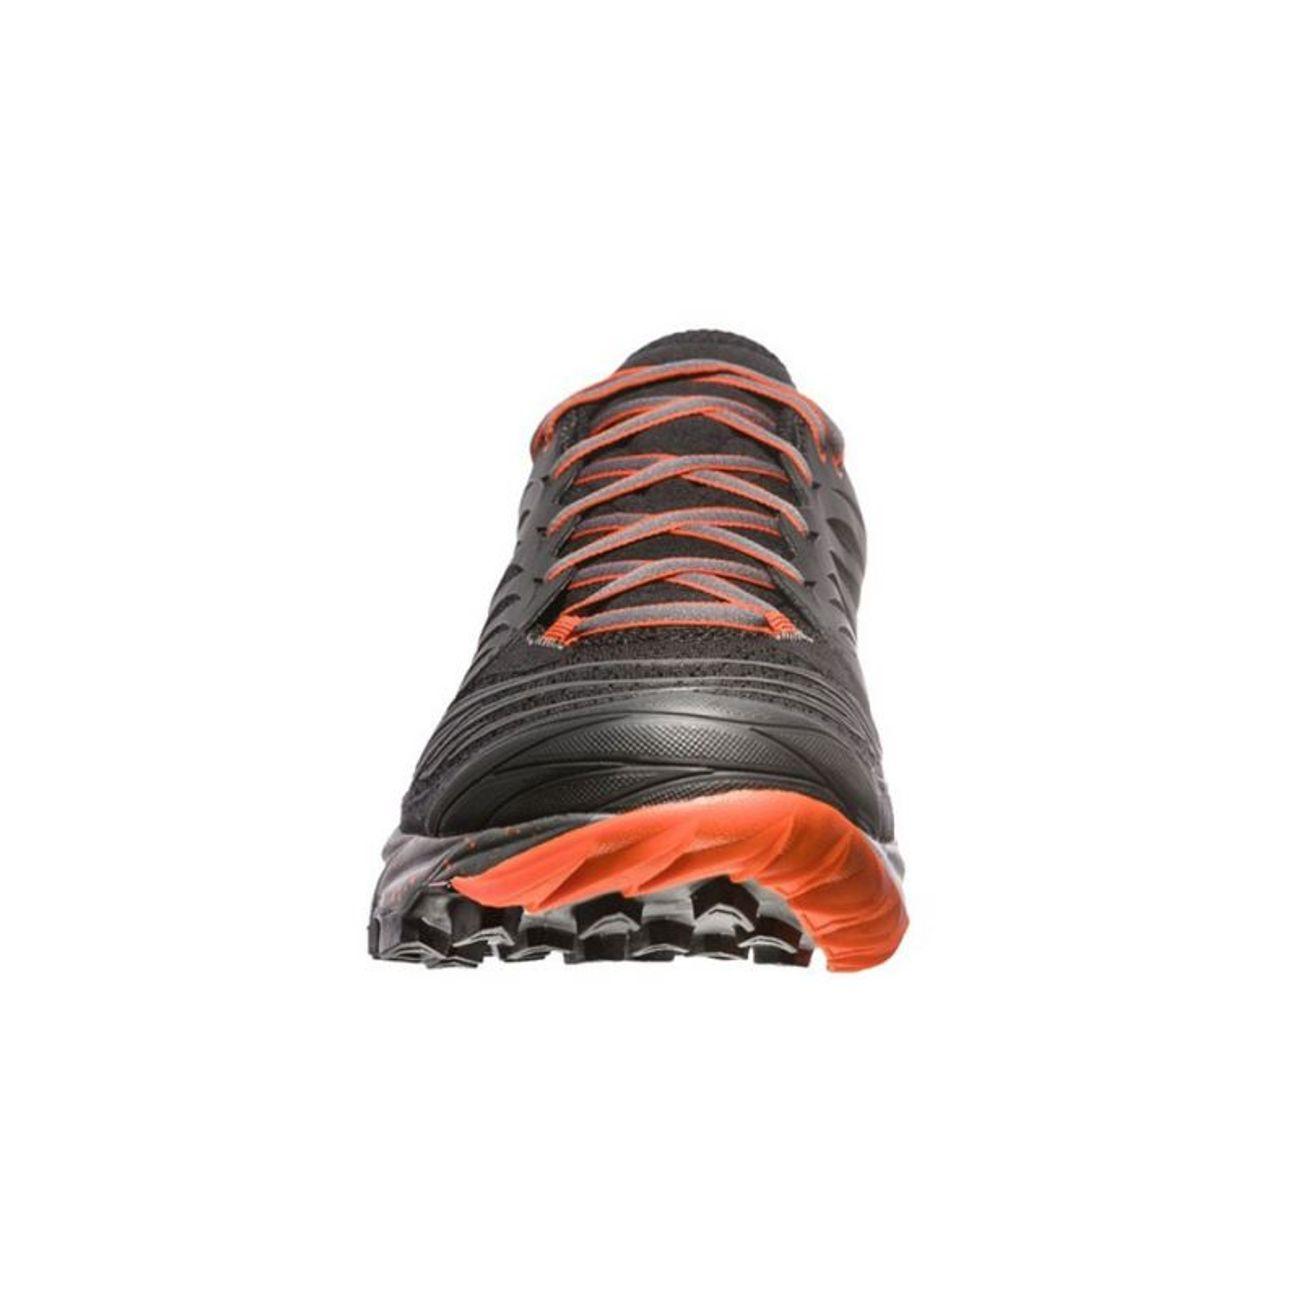 Noir 26y999202 Sportiva Adulte Padel La Akasha WE2D9HI